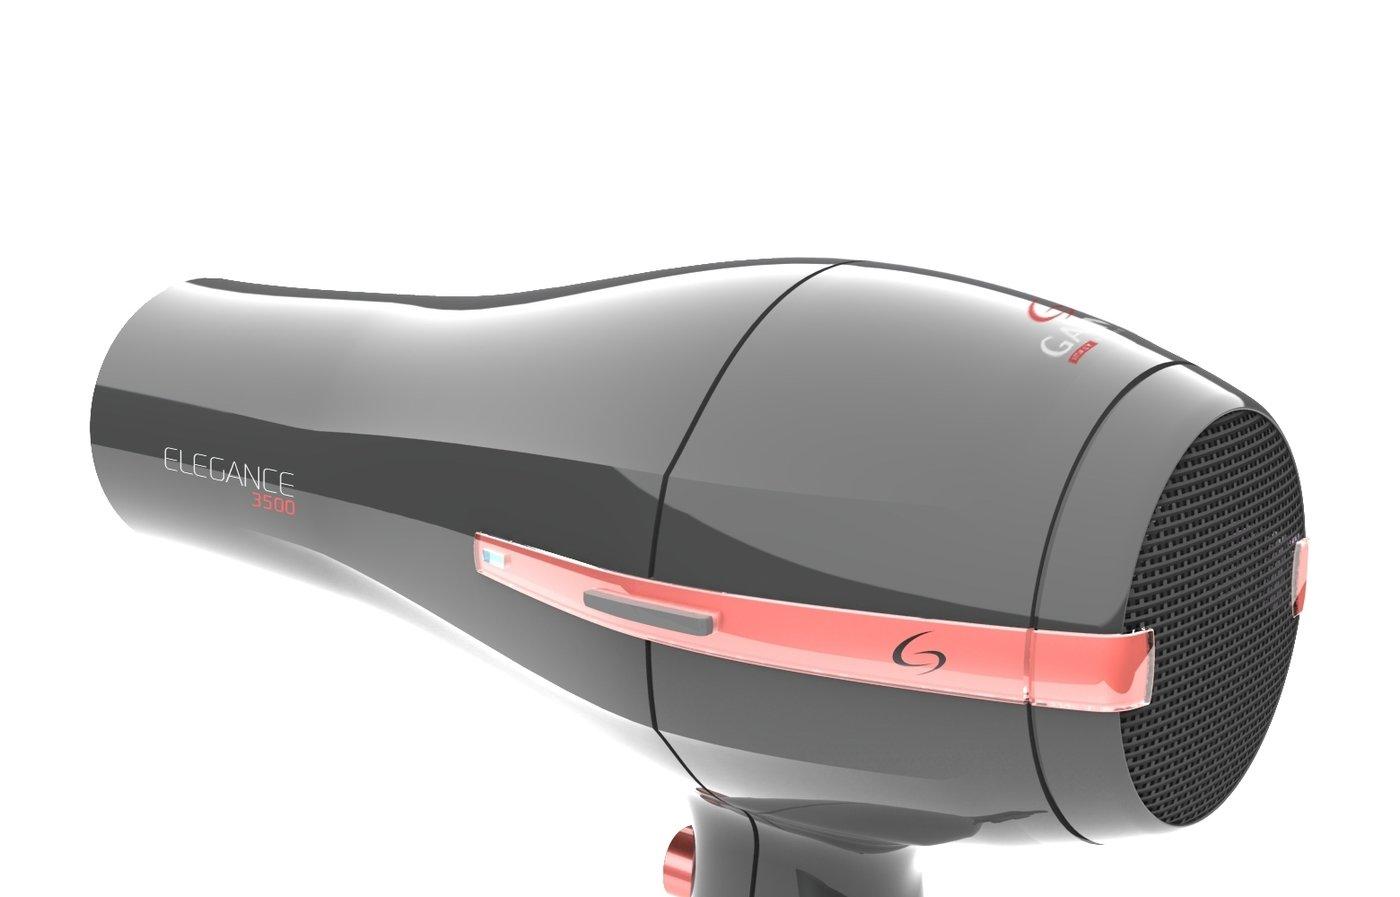 Product Design By Bernardo Matias Lorenzo At Coroflot Com